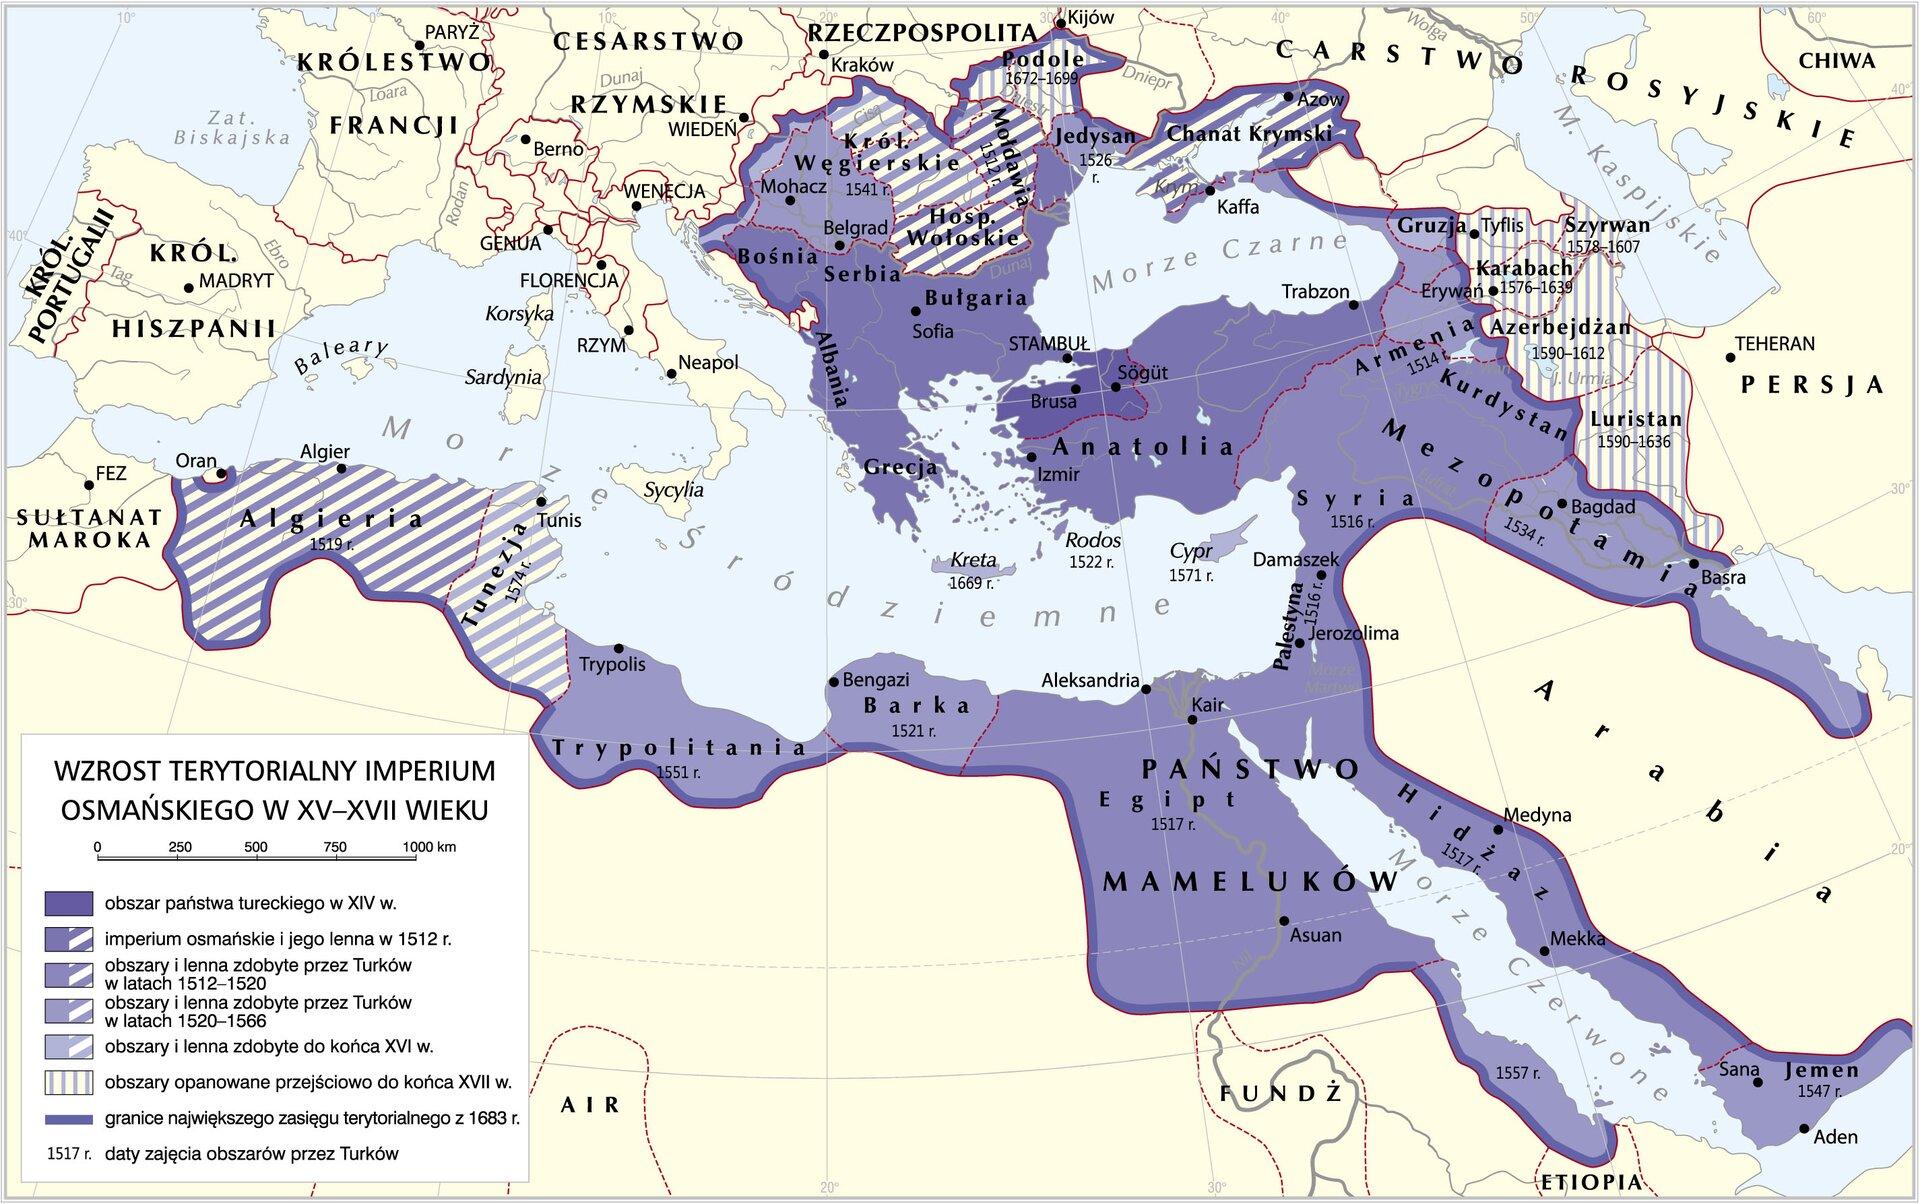 Wzrost terytorialny Imperium Osmańskiego wXV iXVI w. Wzrost terytorialny Imperium Osmańskiego wXV iXVI w. Źródło: Krystian Chariza izespół, licencja: CC BY-SA 3.0.